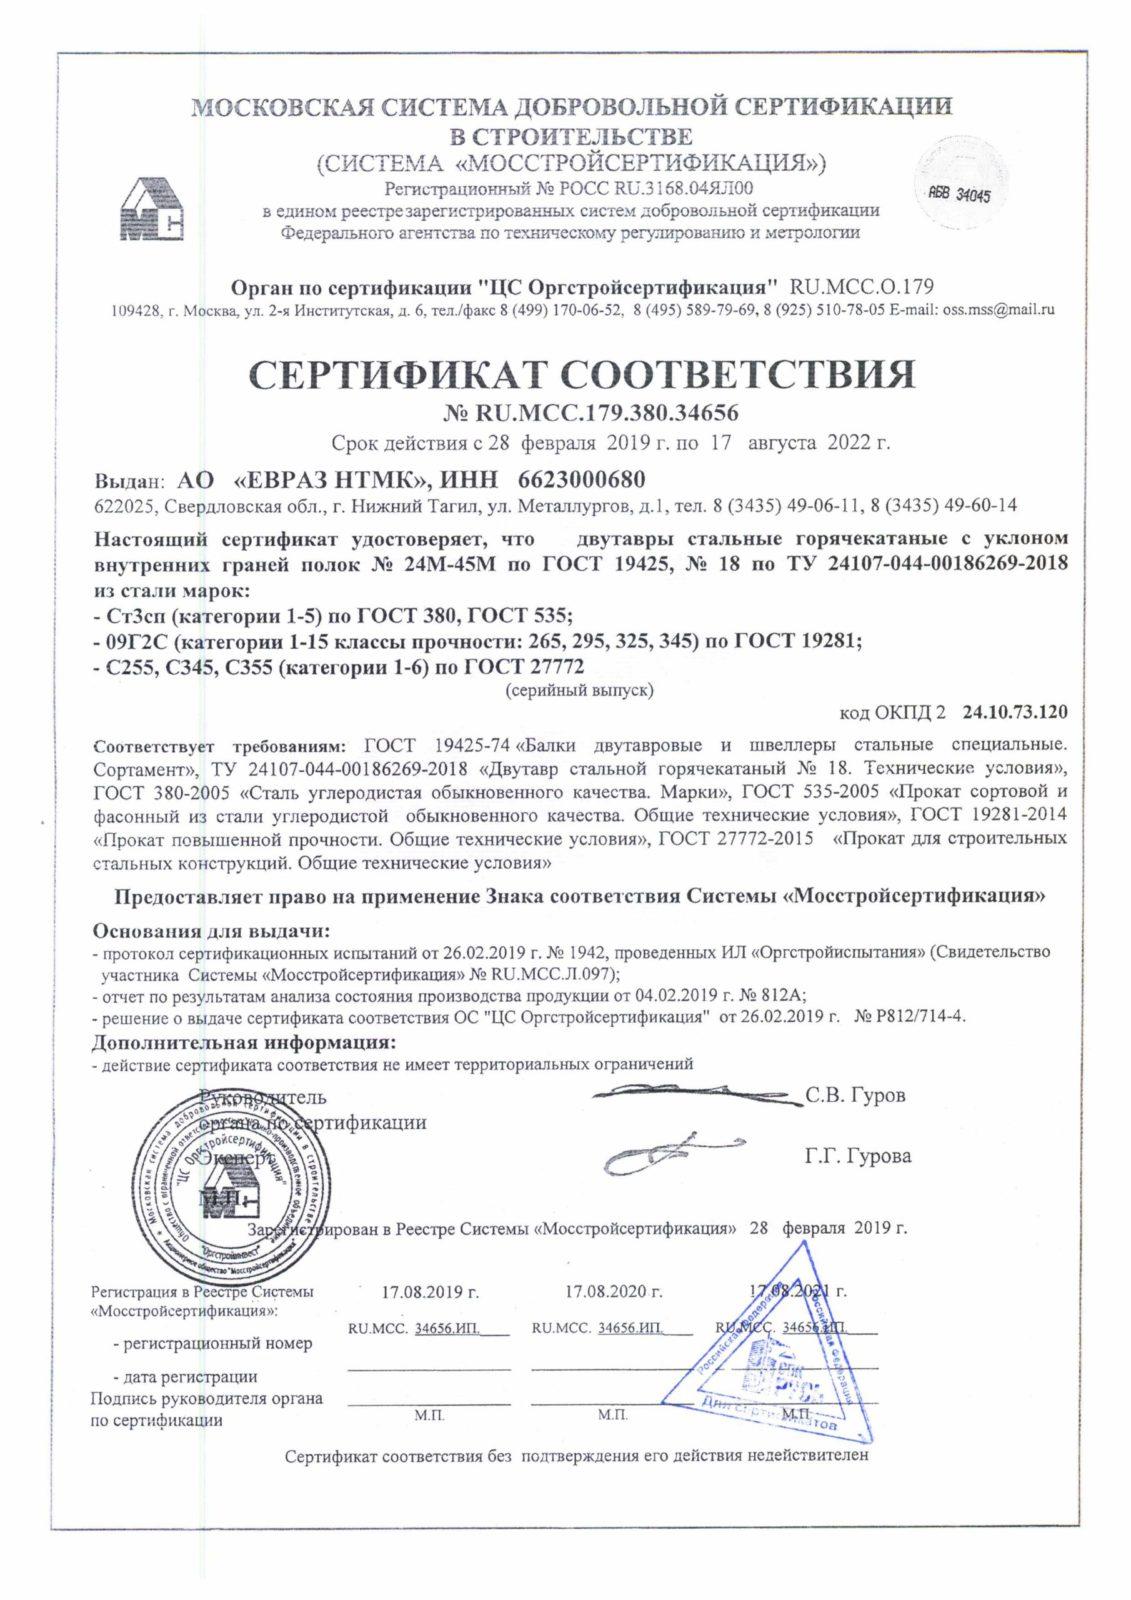 сертификат соответствия на балку двутаврувую 24М-45М